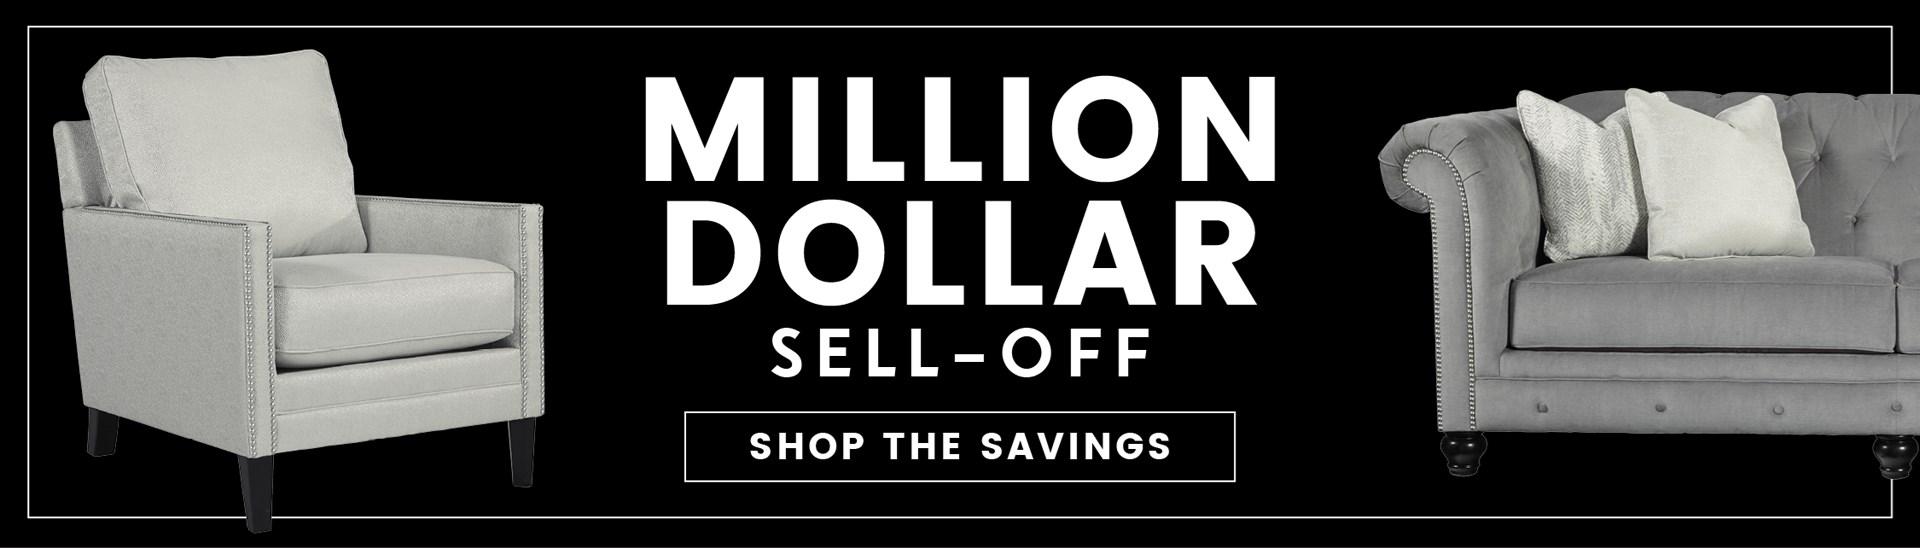 Million Dollar Selloff